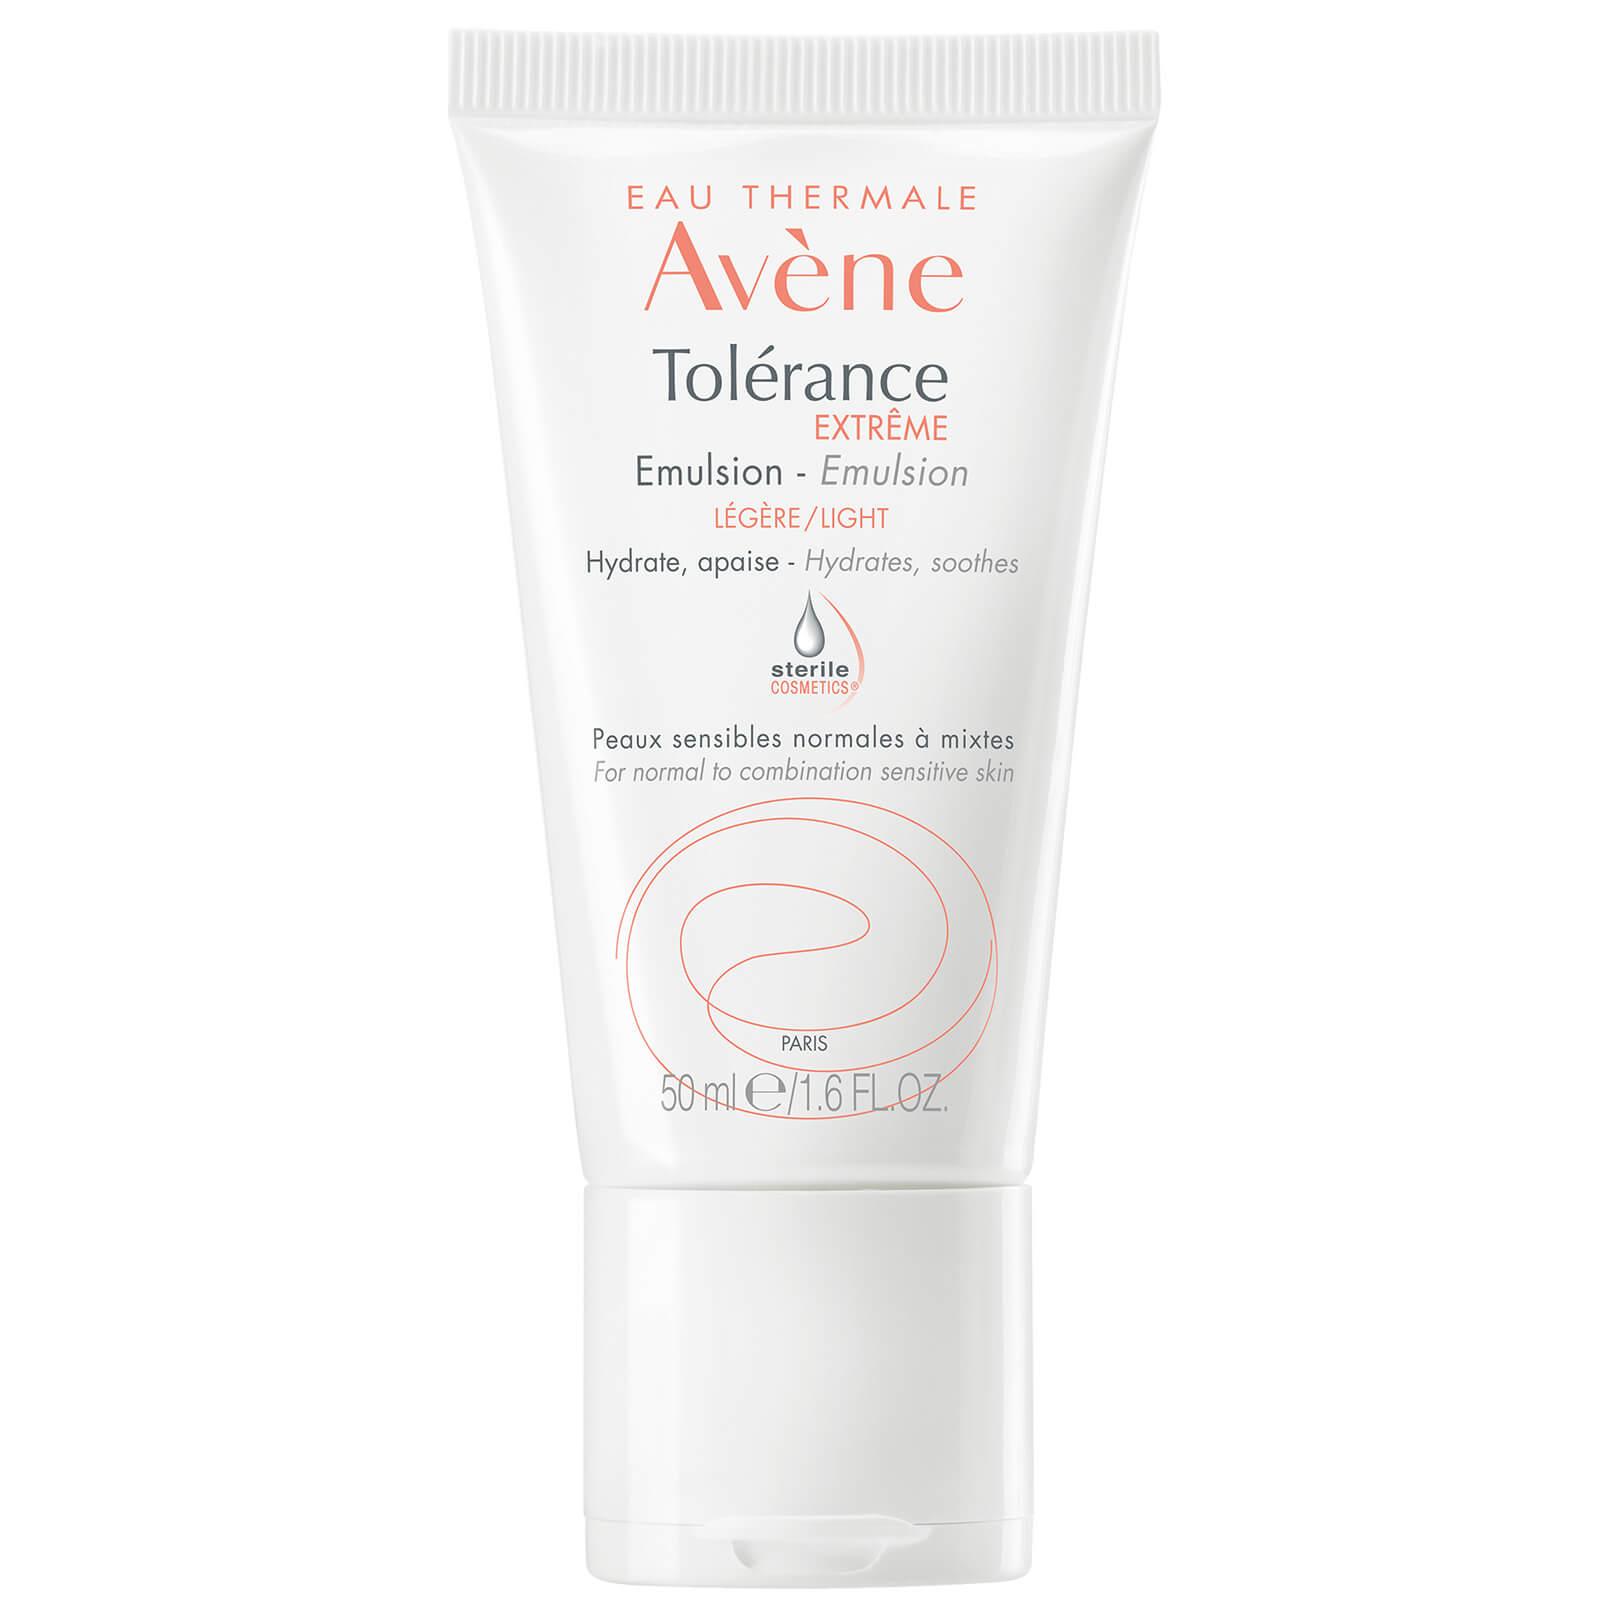 Avène Tolerance Extrême Emulsion Moisturiser for Intolerant Skin 50ml